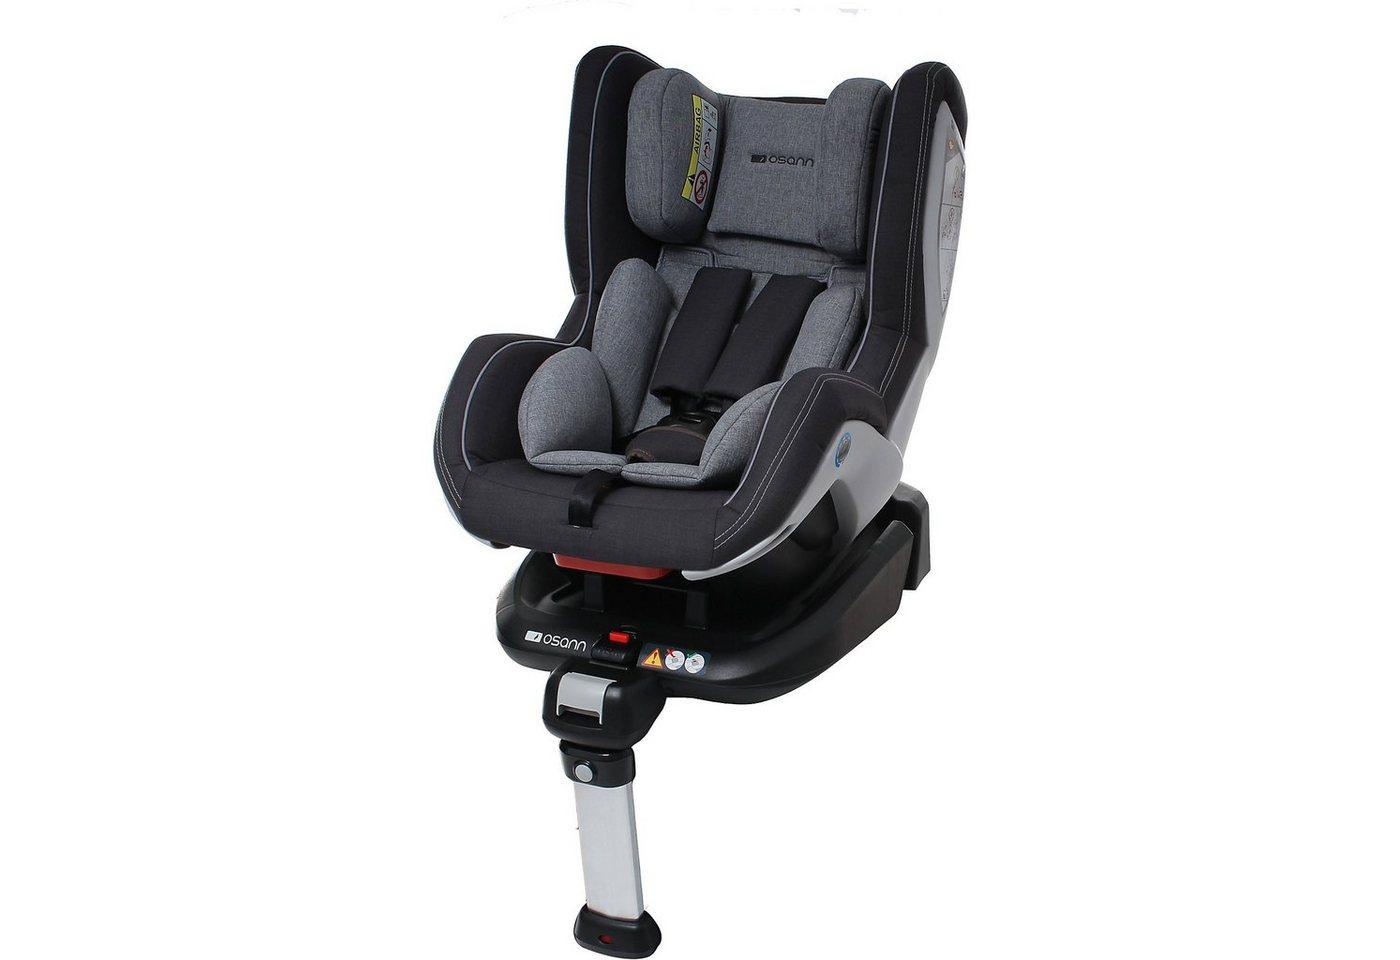 Osann Auto-Kindersitz FOX Grey Melange 2018 grau   04016428000658